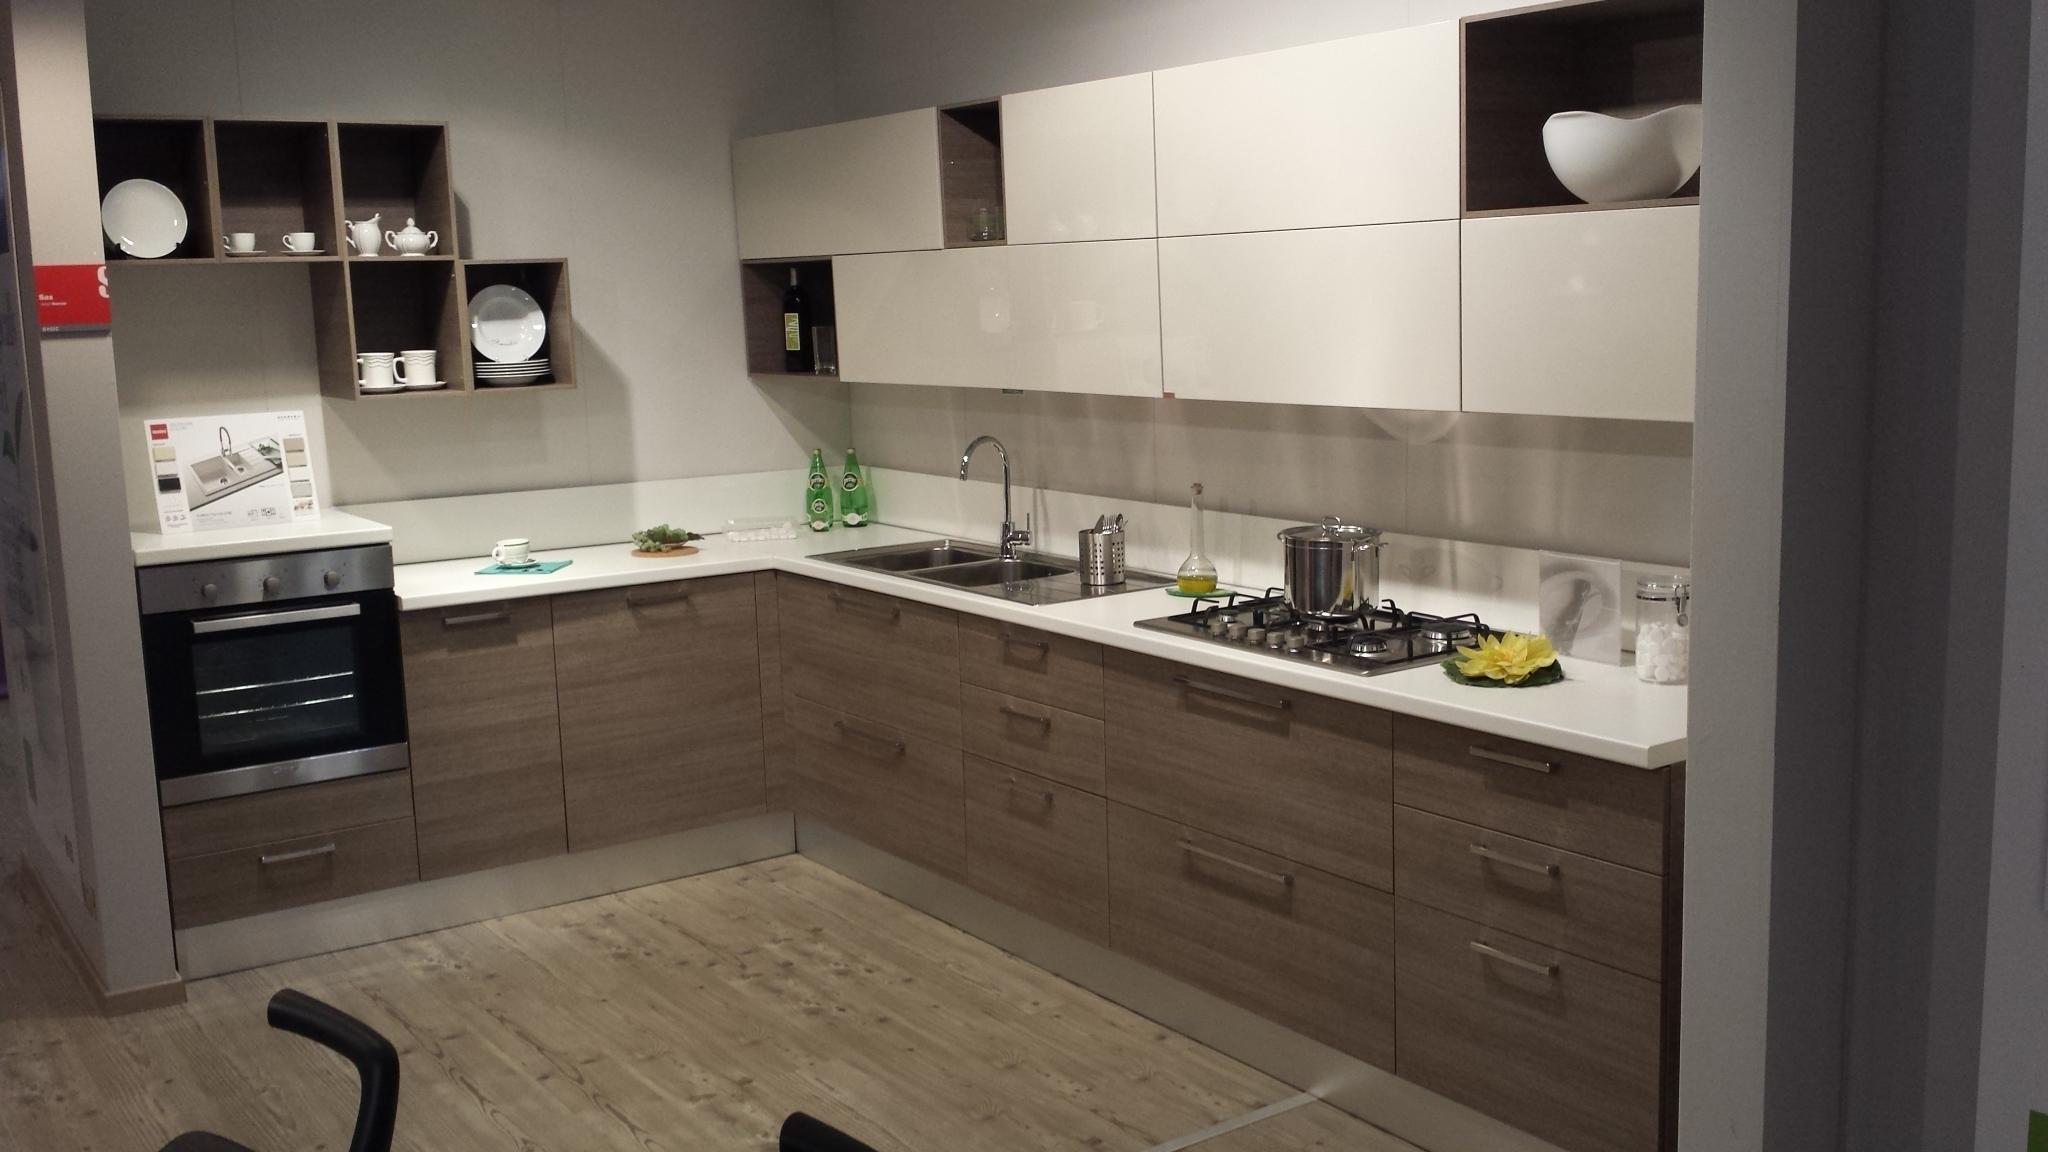 Cucina scavolini sax in offerta sottocosto cucine a for Cucine scavolini prezzi